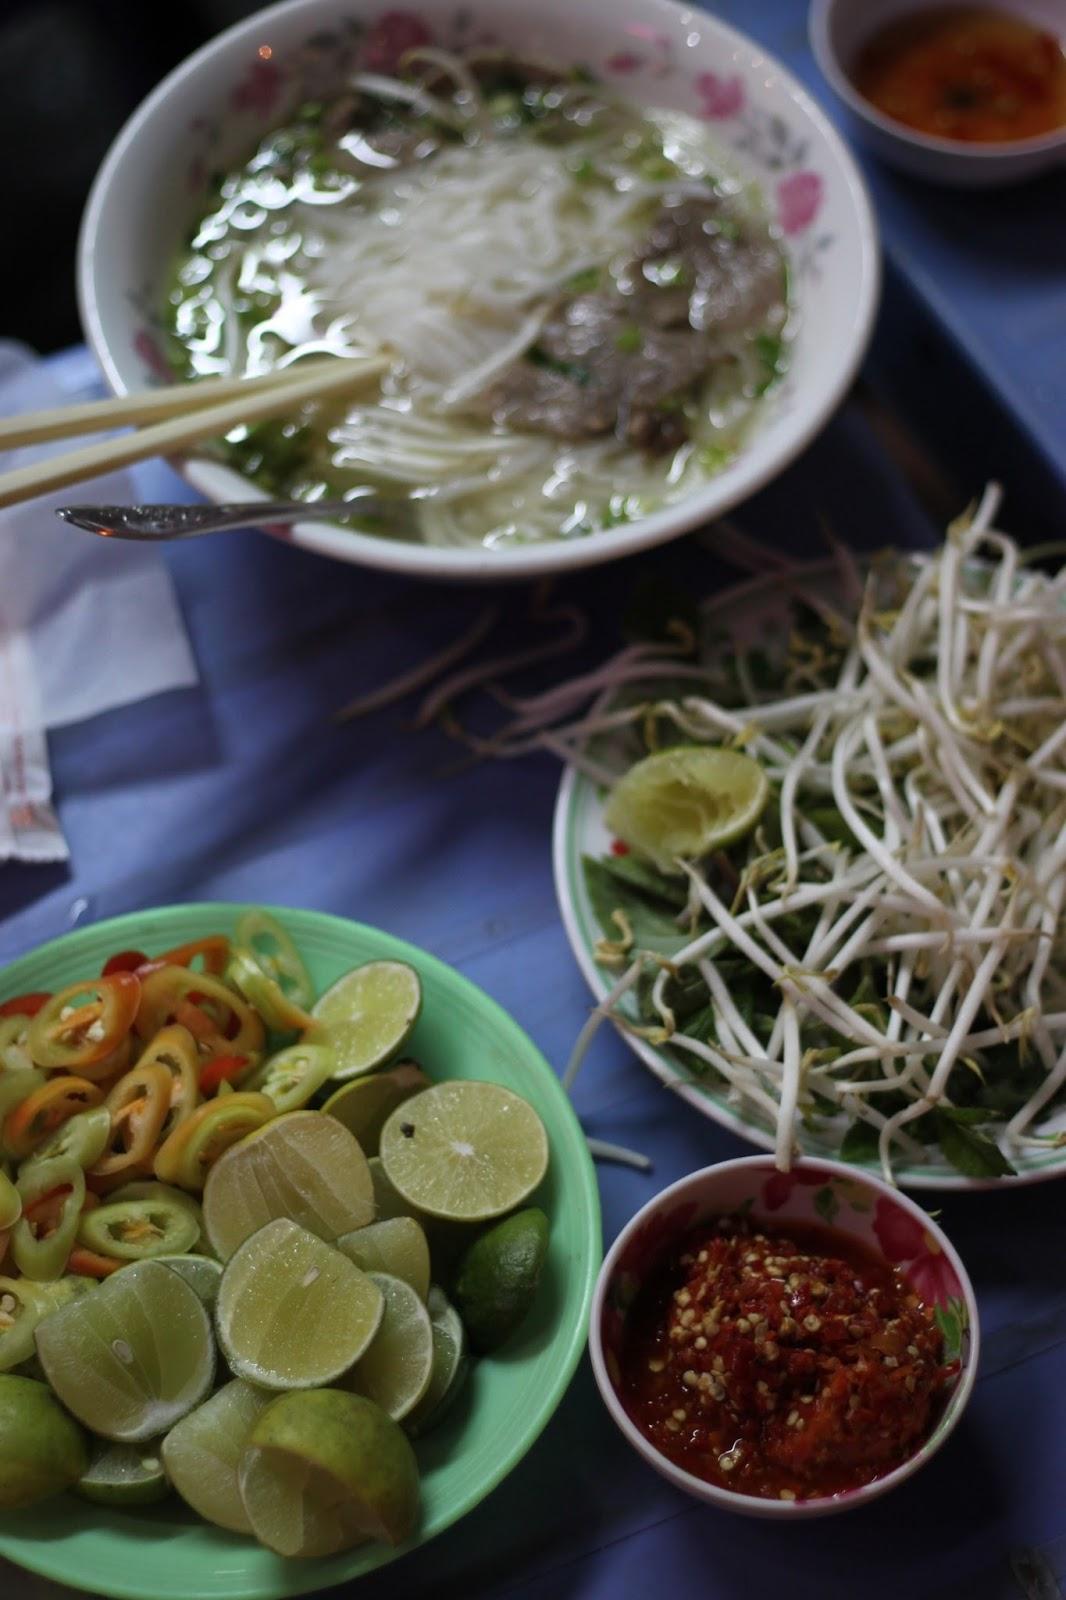 ailleurs la touchante sensibilit de la cuisine vietnamienne guide du mangeur averti. Black Bedroom Furniture Sets. Home Design Ideas